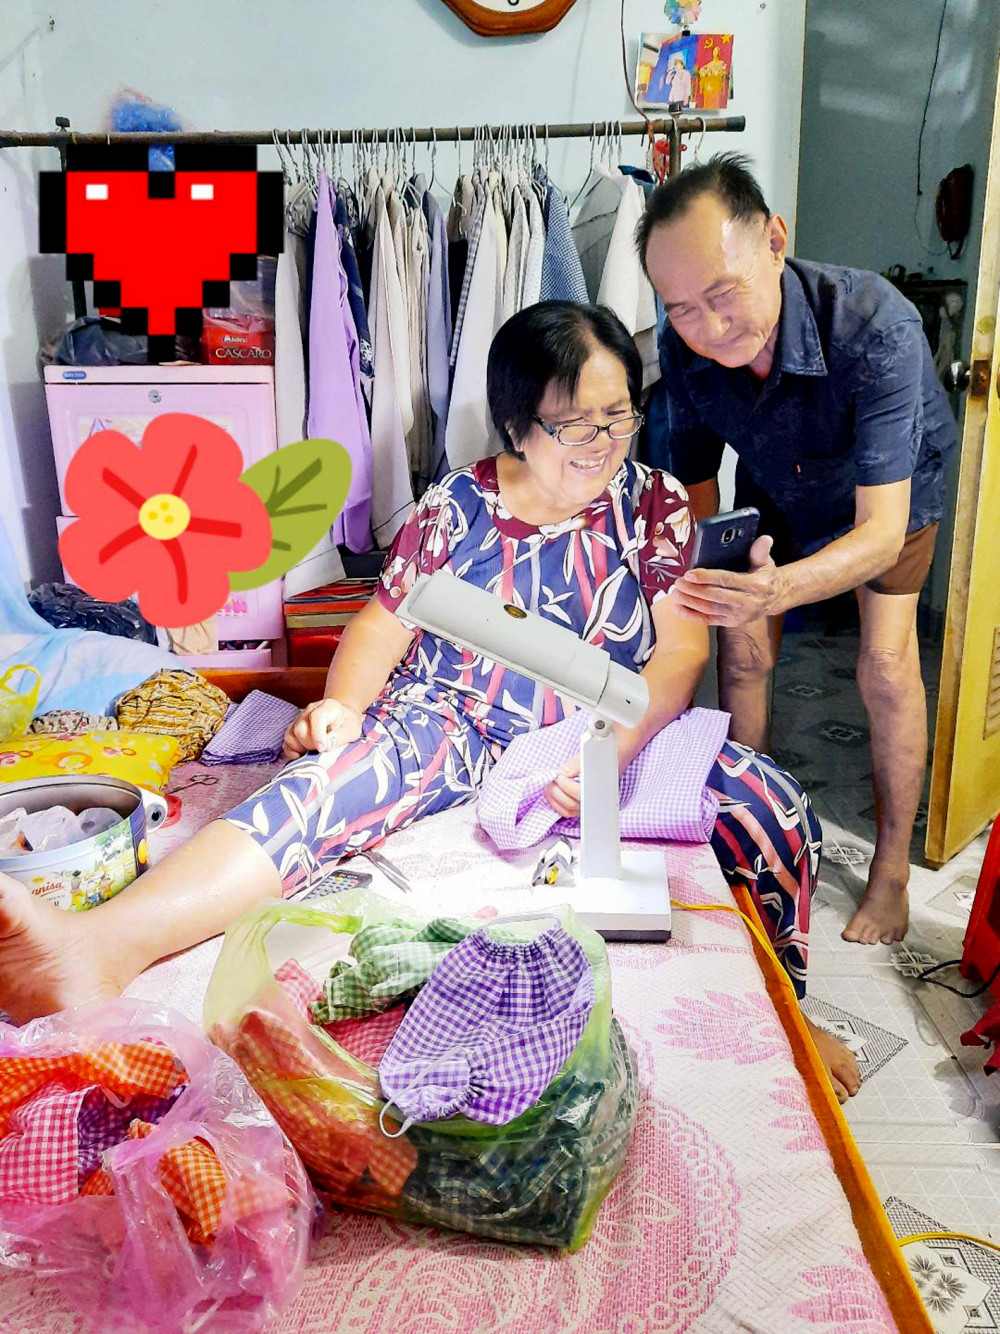 Ông bà cùng vui khi xem hình các cháu mặc đồ của bà may gửi về